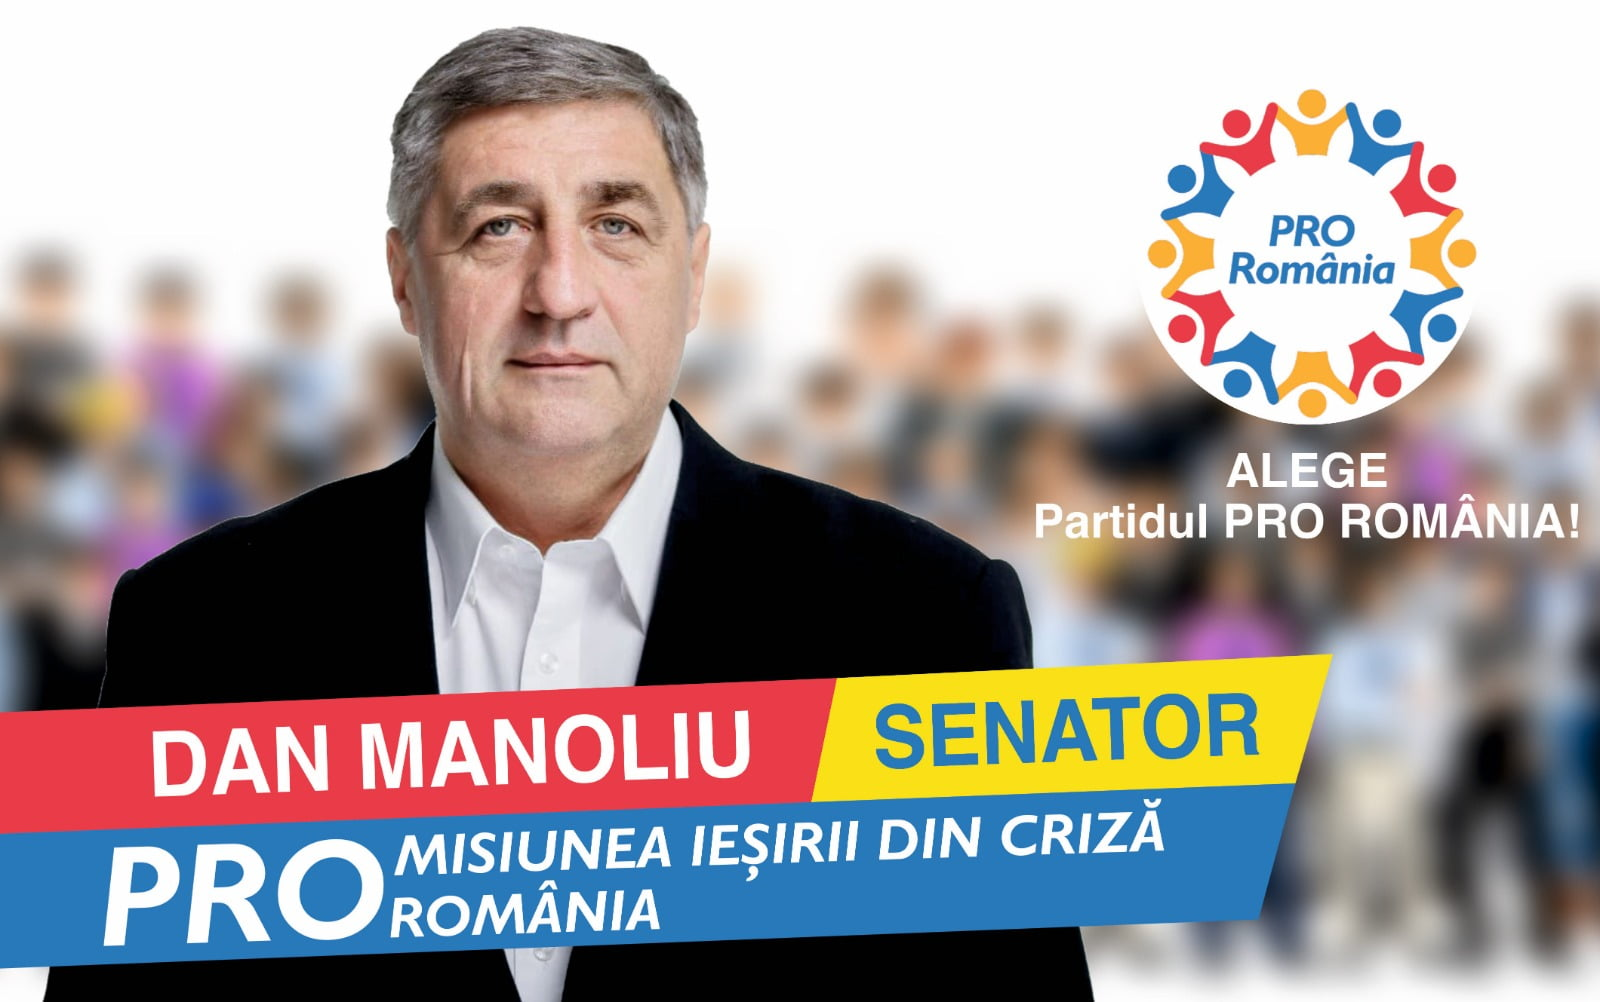 """Senatorul Dan Manoliu: """"Măsuri CONCRETE propuse de PRO România pentru a depăși criza economică"""""""